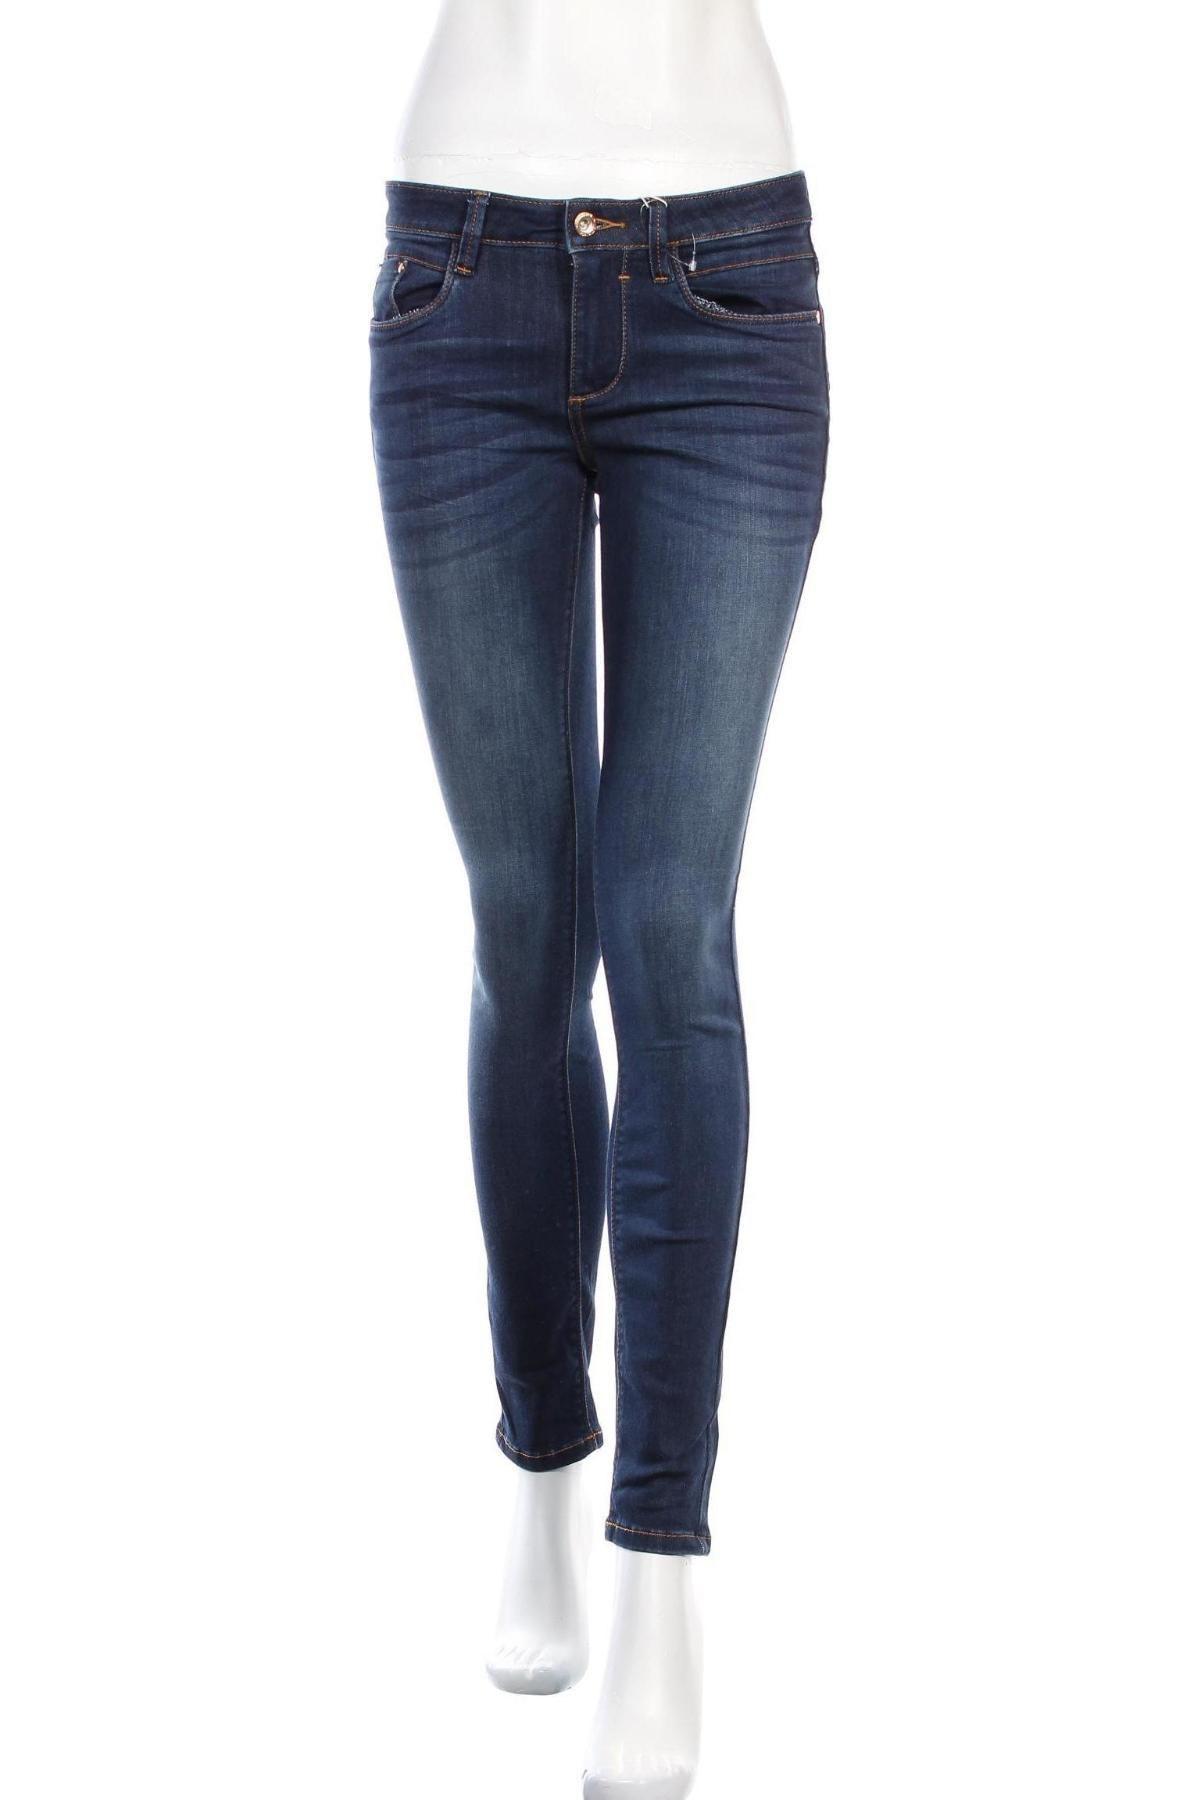 Дамски дънки Tom Tailor, Размер S, Цвят Син, 42% памук, 34% полиестер, 22% вискоза, 2% еластан, Цена 59,25лв.